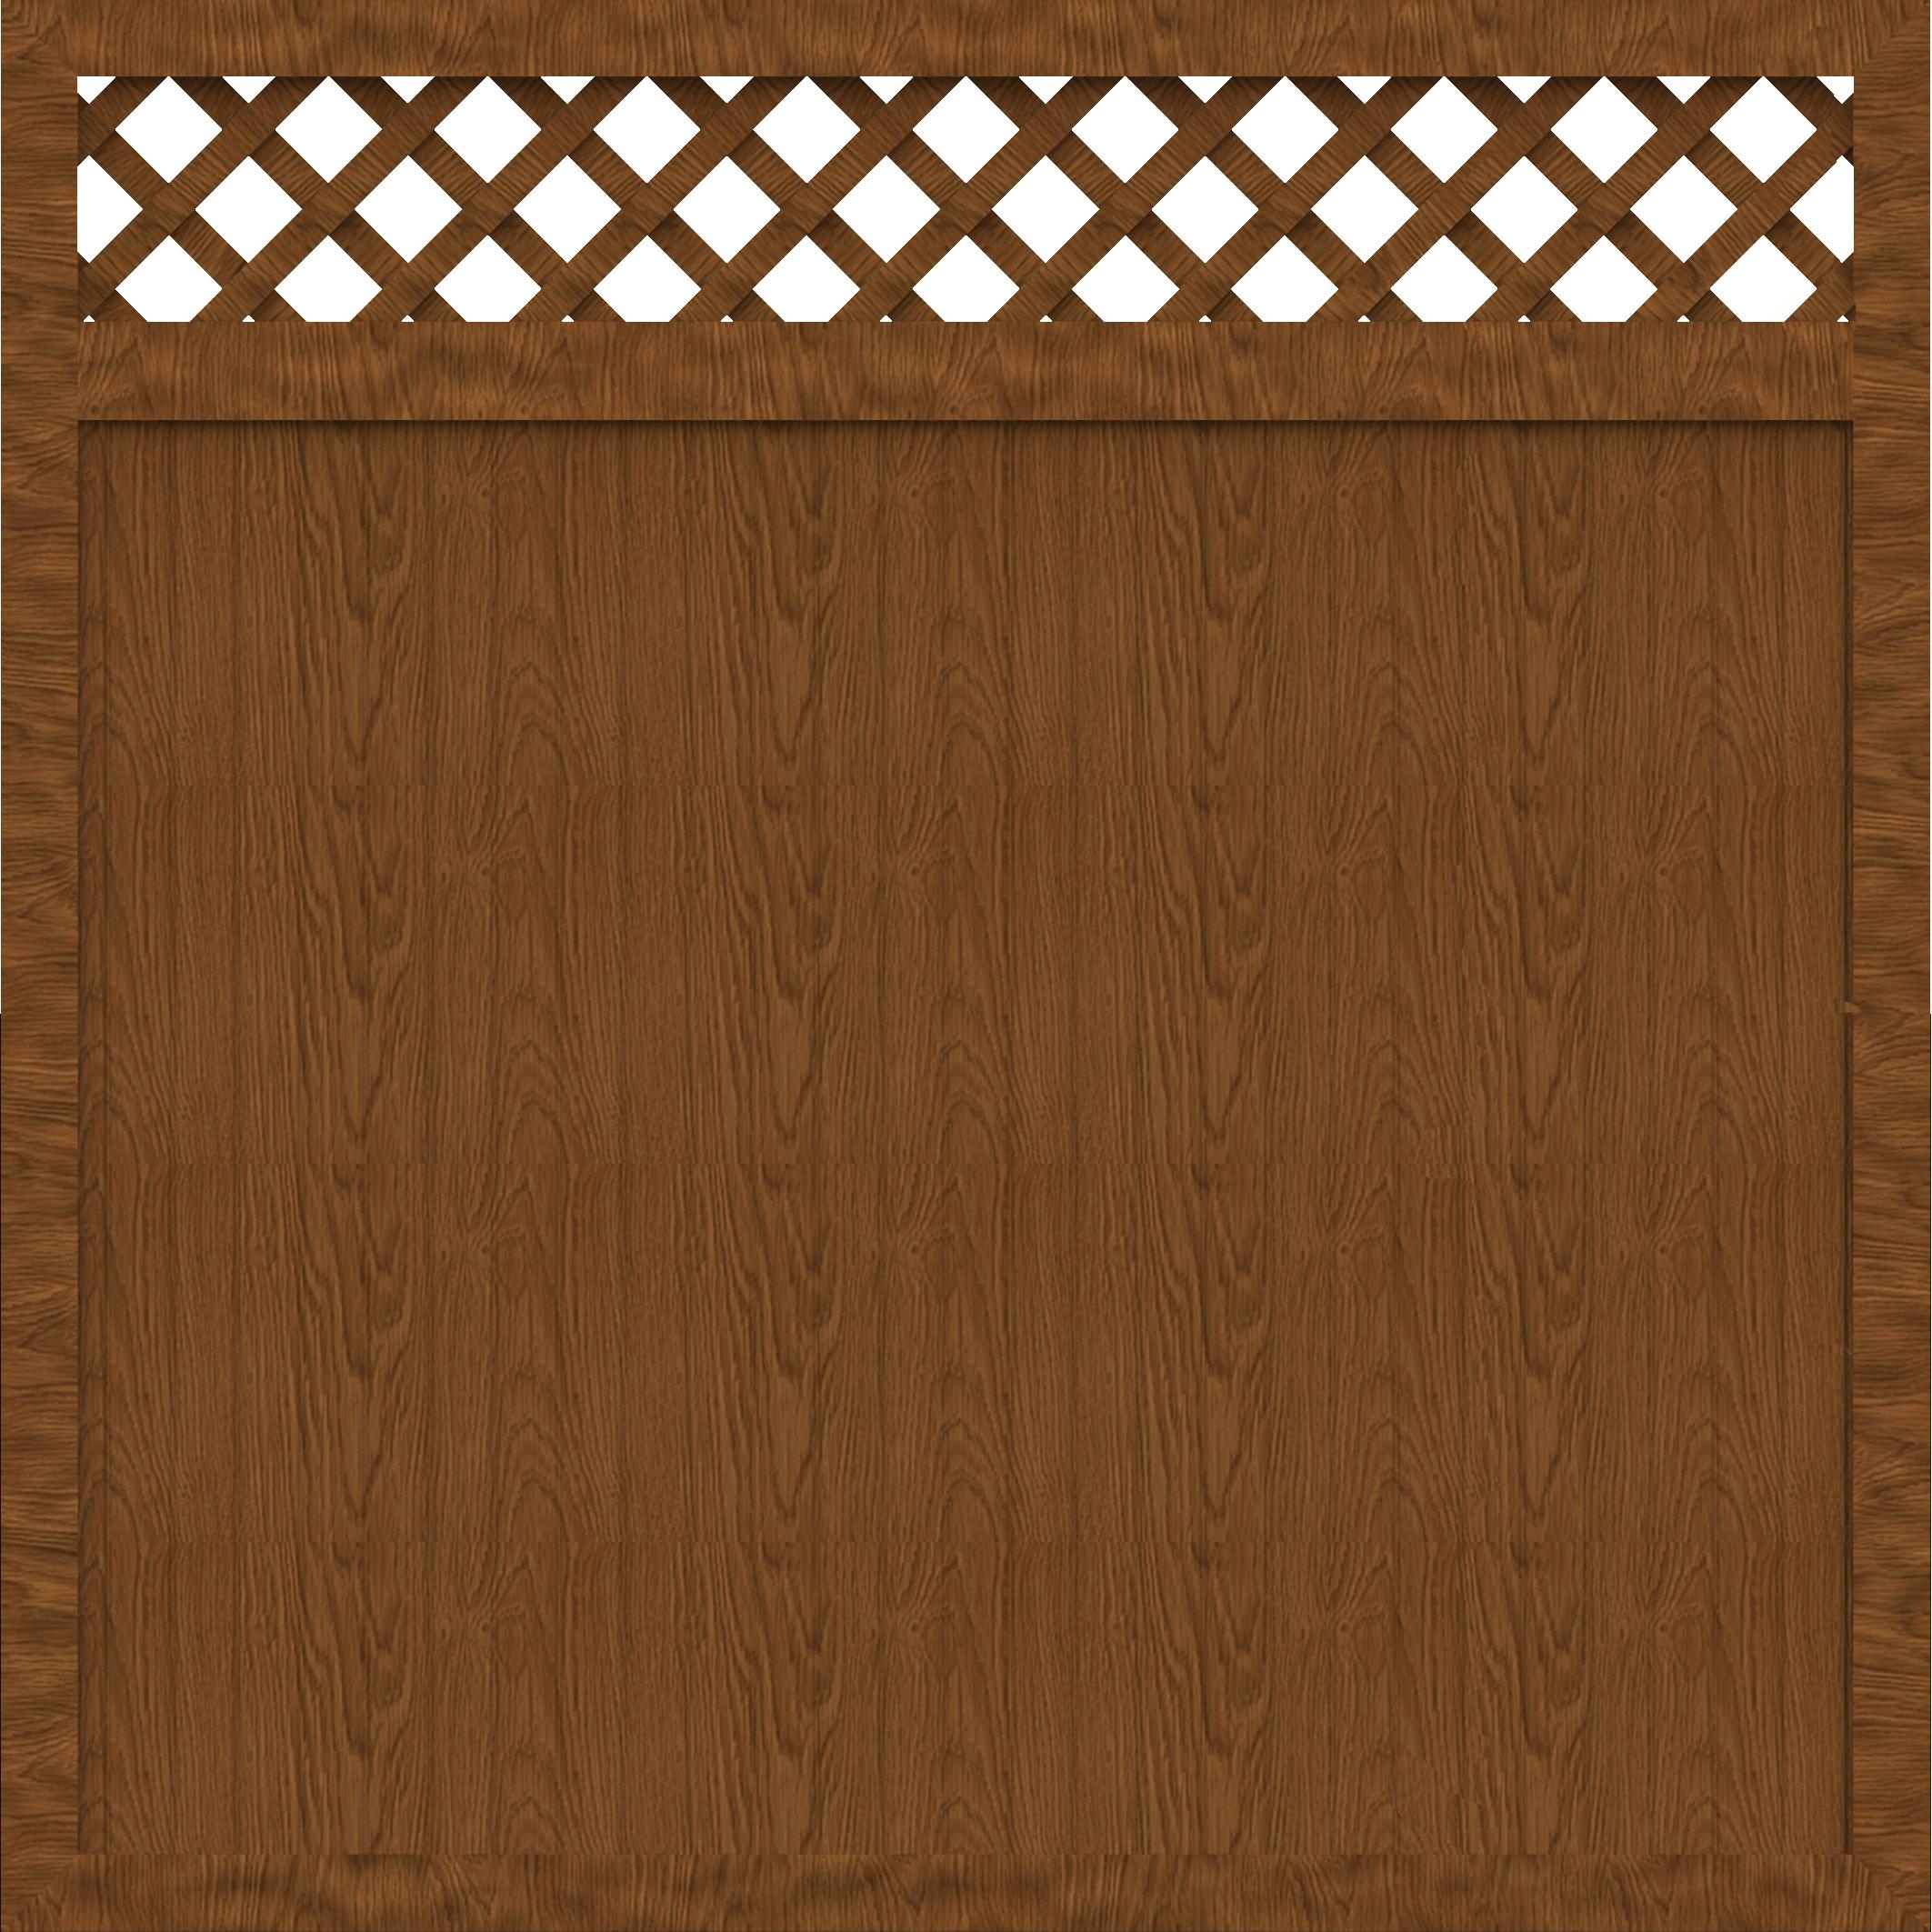 basicline sichtschutz typ c 180 holzdekor 180x180 cm z une z une sichtschutzelemente im. Black Bedroom Furniture Sets. Home Design Ideas